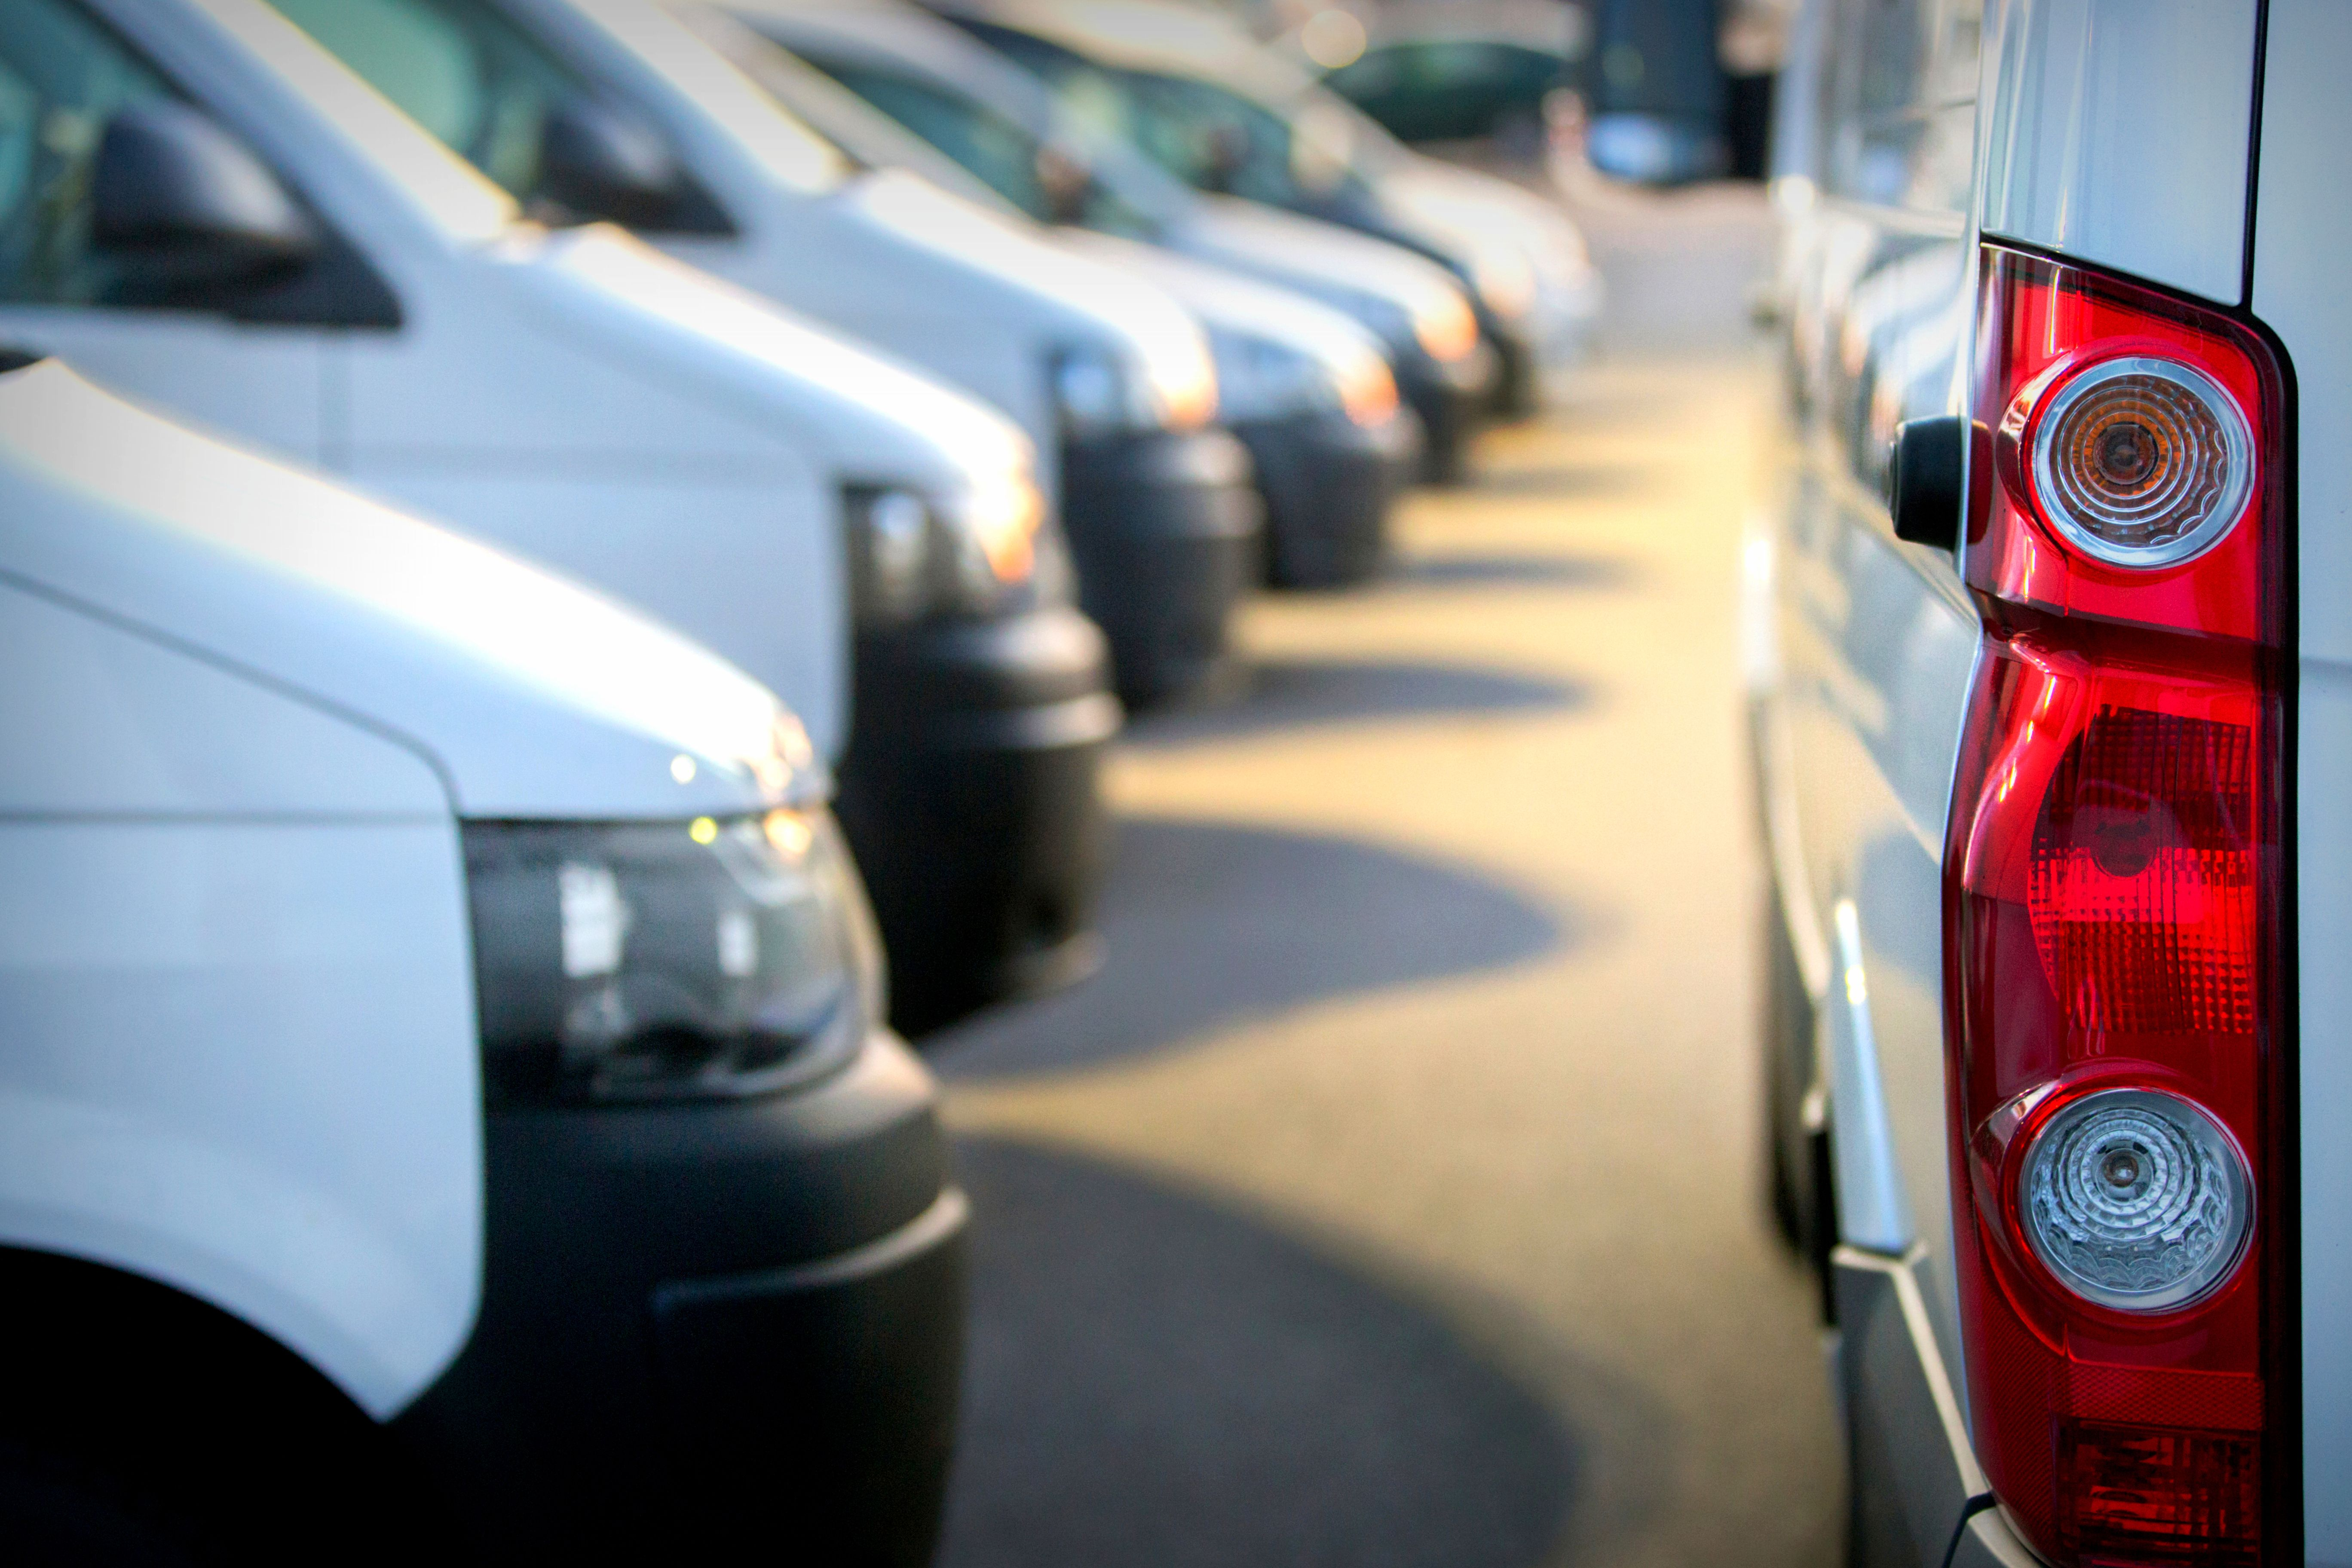 Compra de furgonetas: Vehículos de Furgonetas a Buen Precio